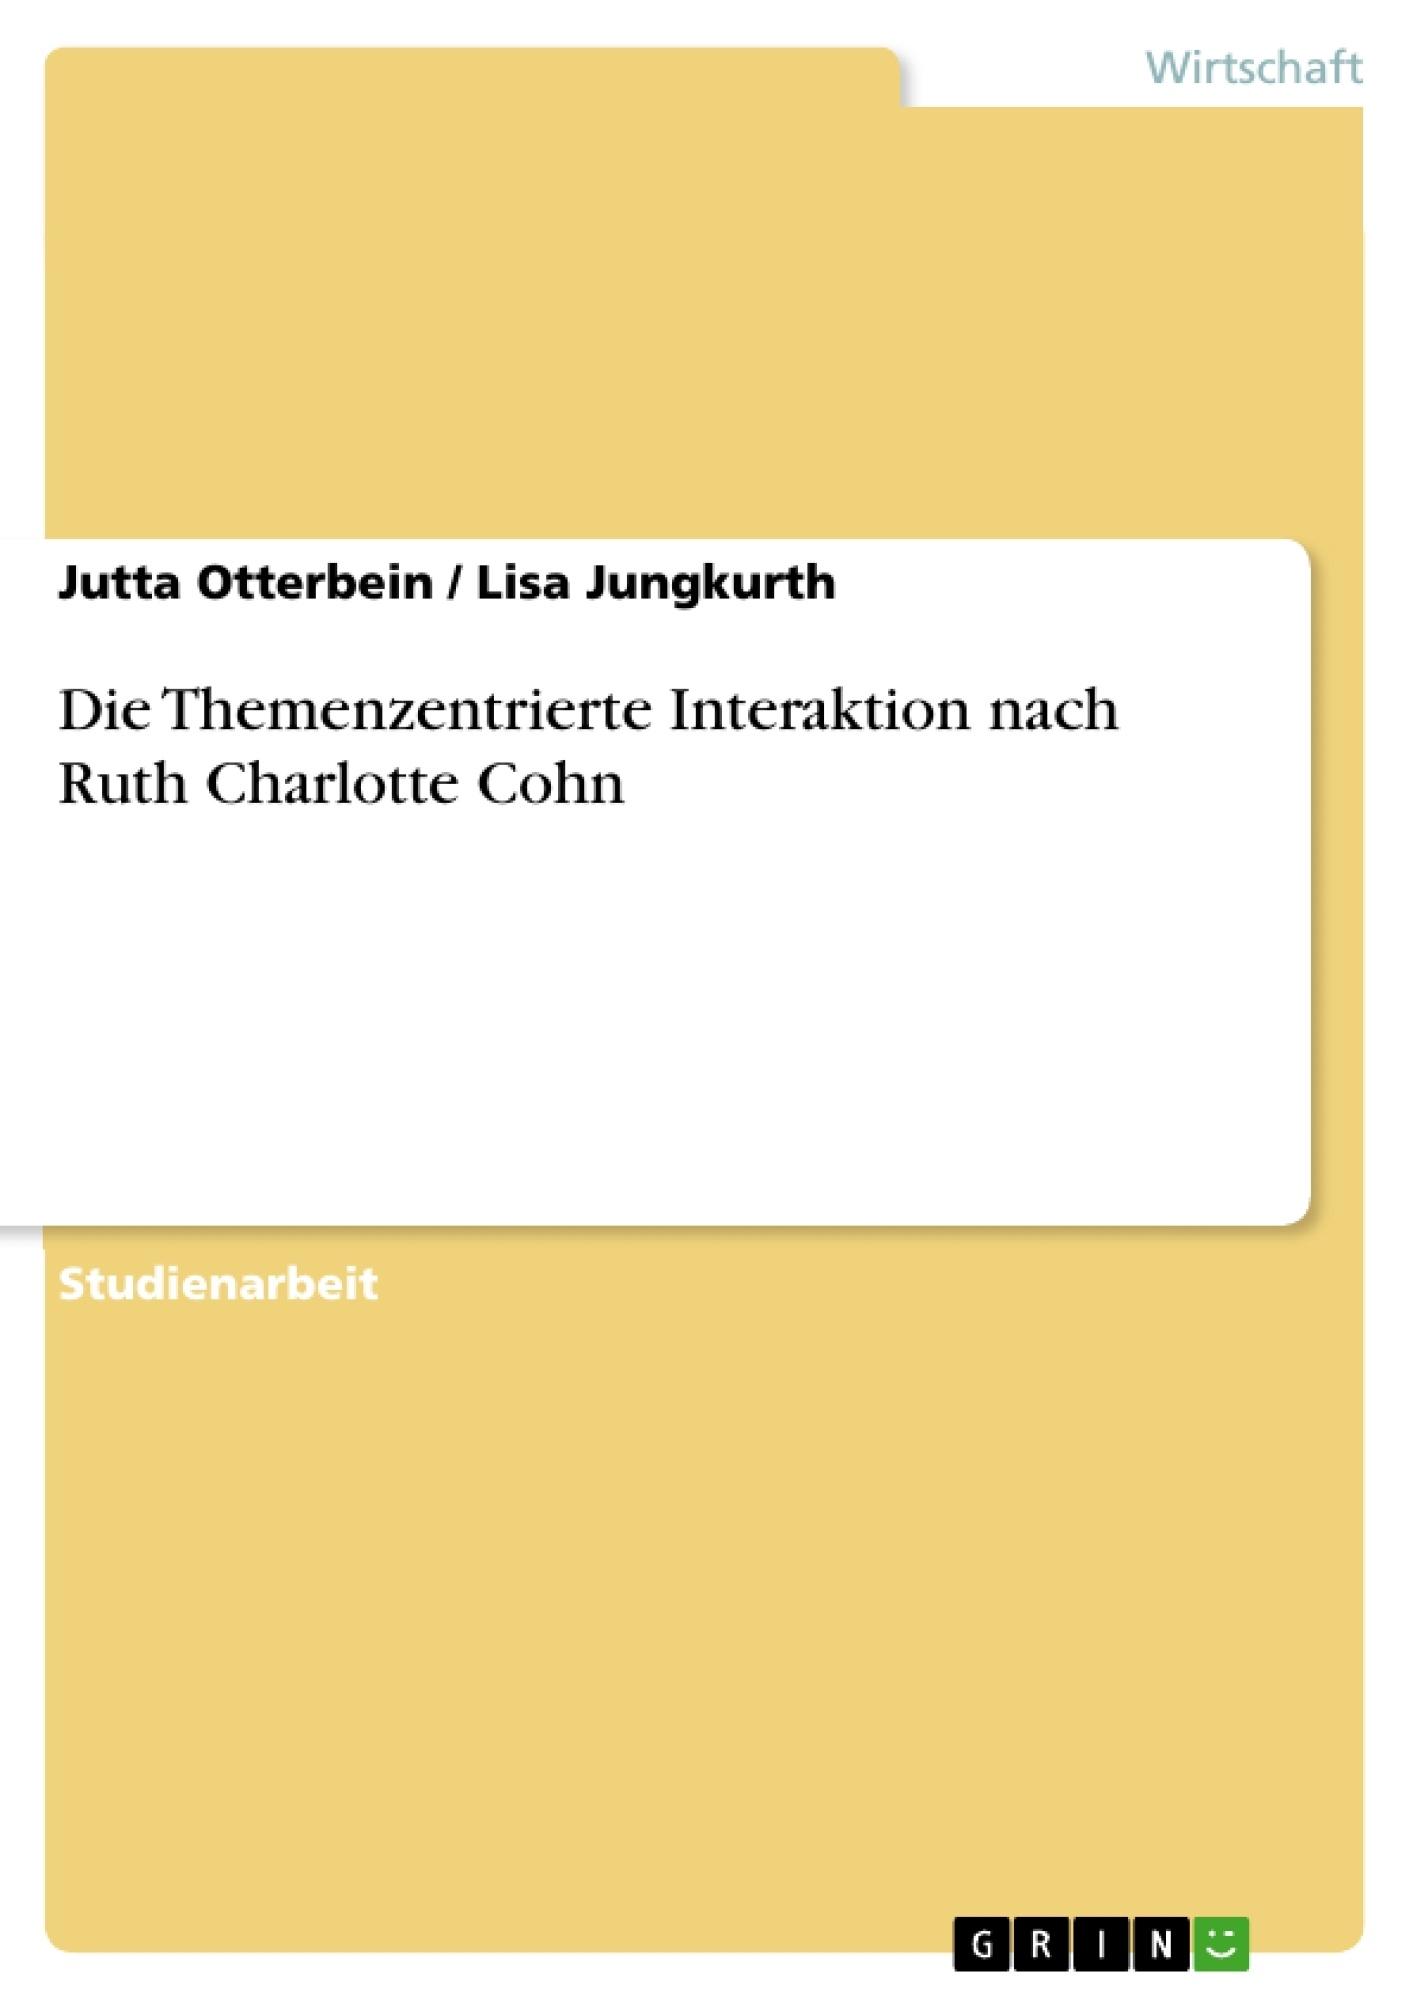 Titel: Die Themenzentrierte Interaktion nach Ruth Charlotte Cohn